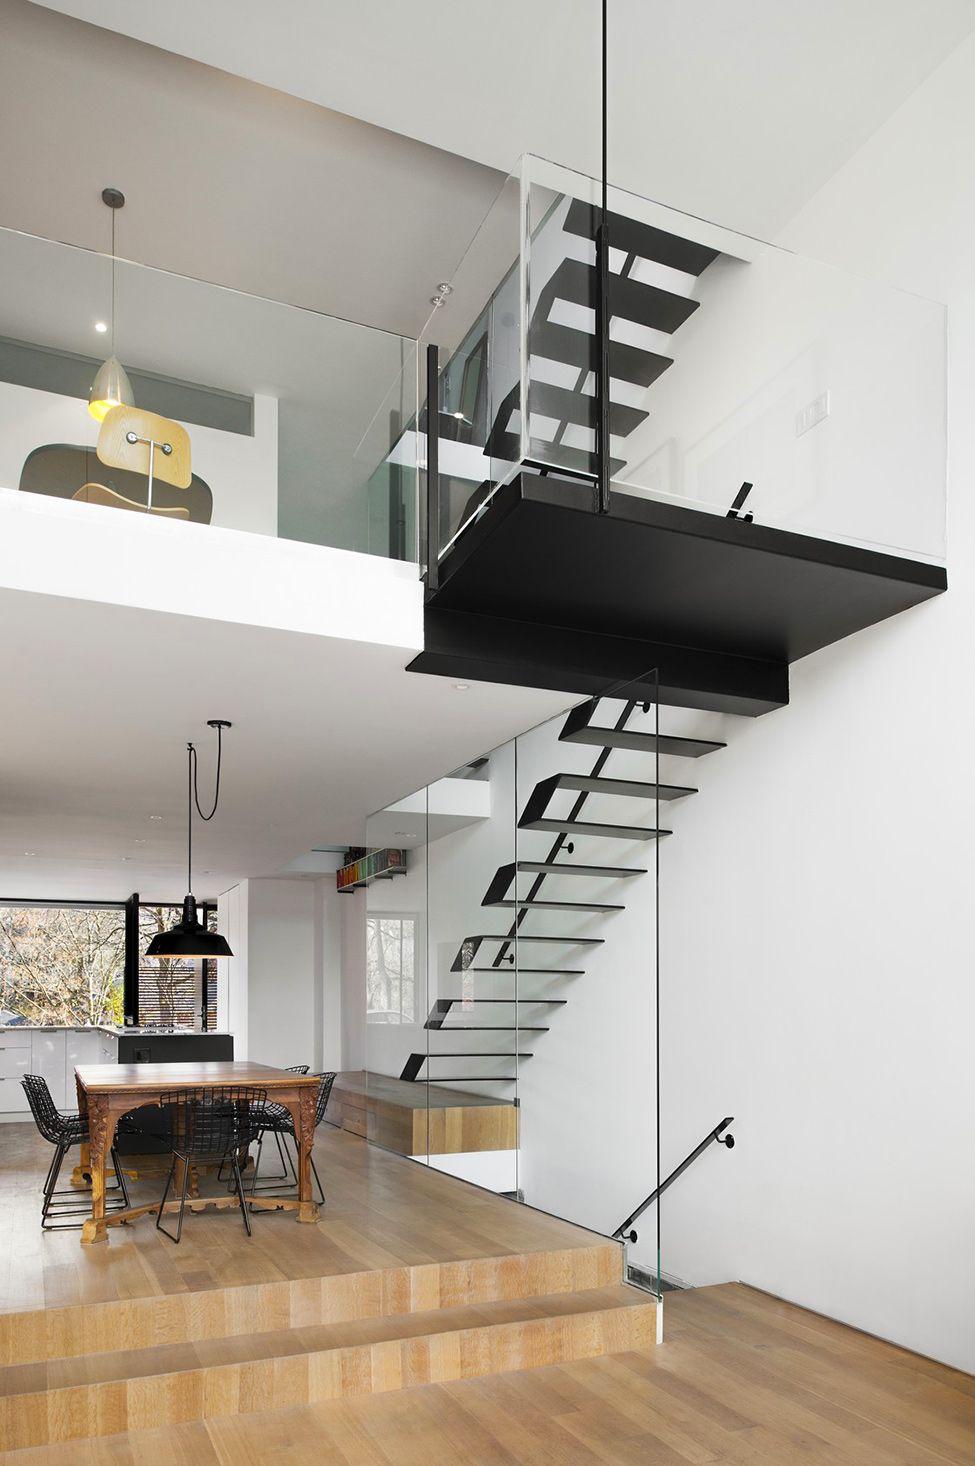 Planos de casa angosta y larga favoritas escaleras - Diseno de escaleras interiores ...